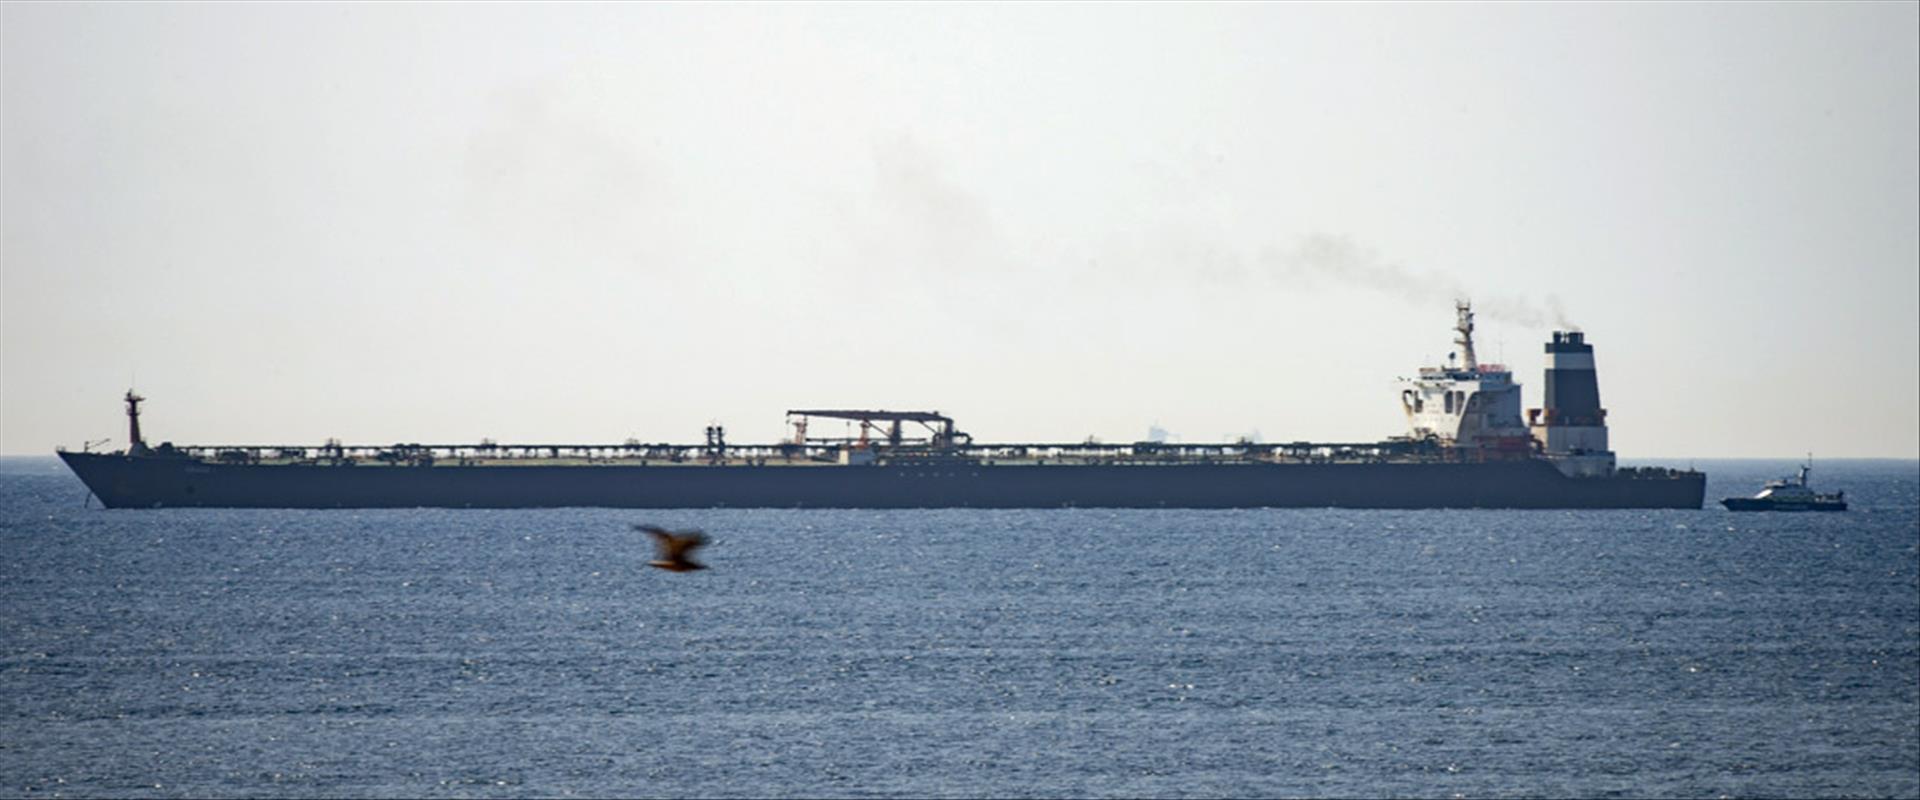 מכלית הנפט האיראנית שנעצרה על ידי בריטניה שבוע שעב